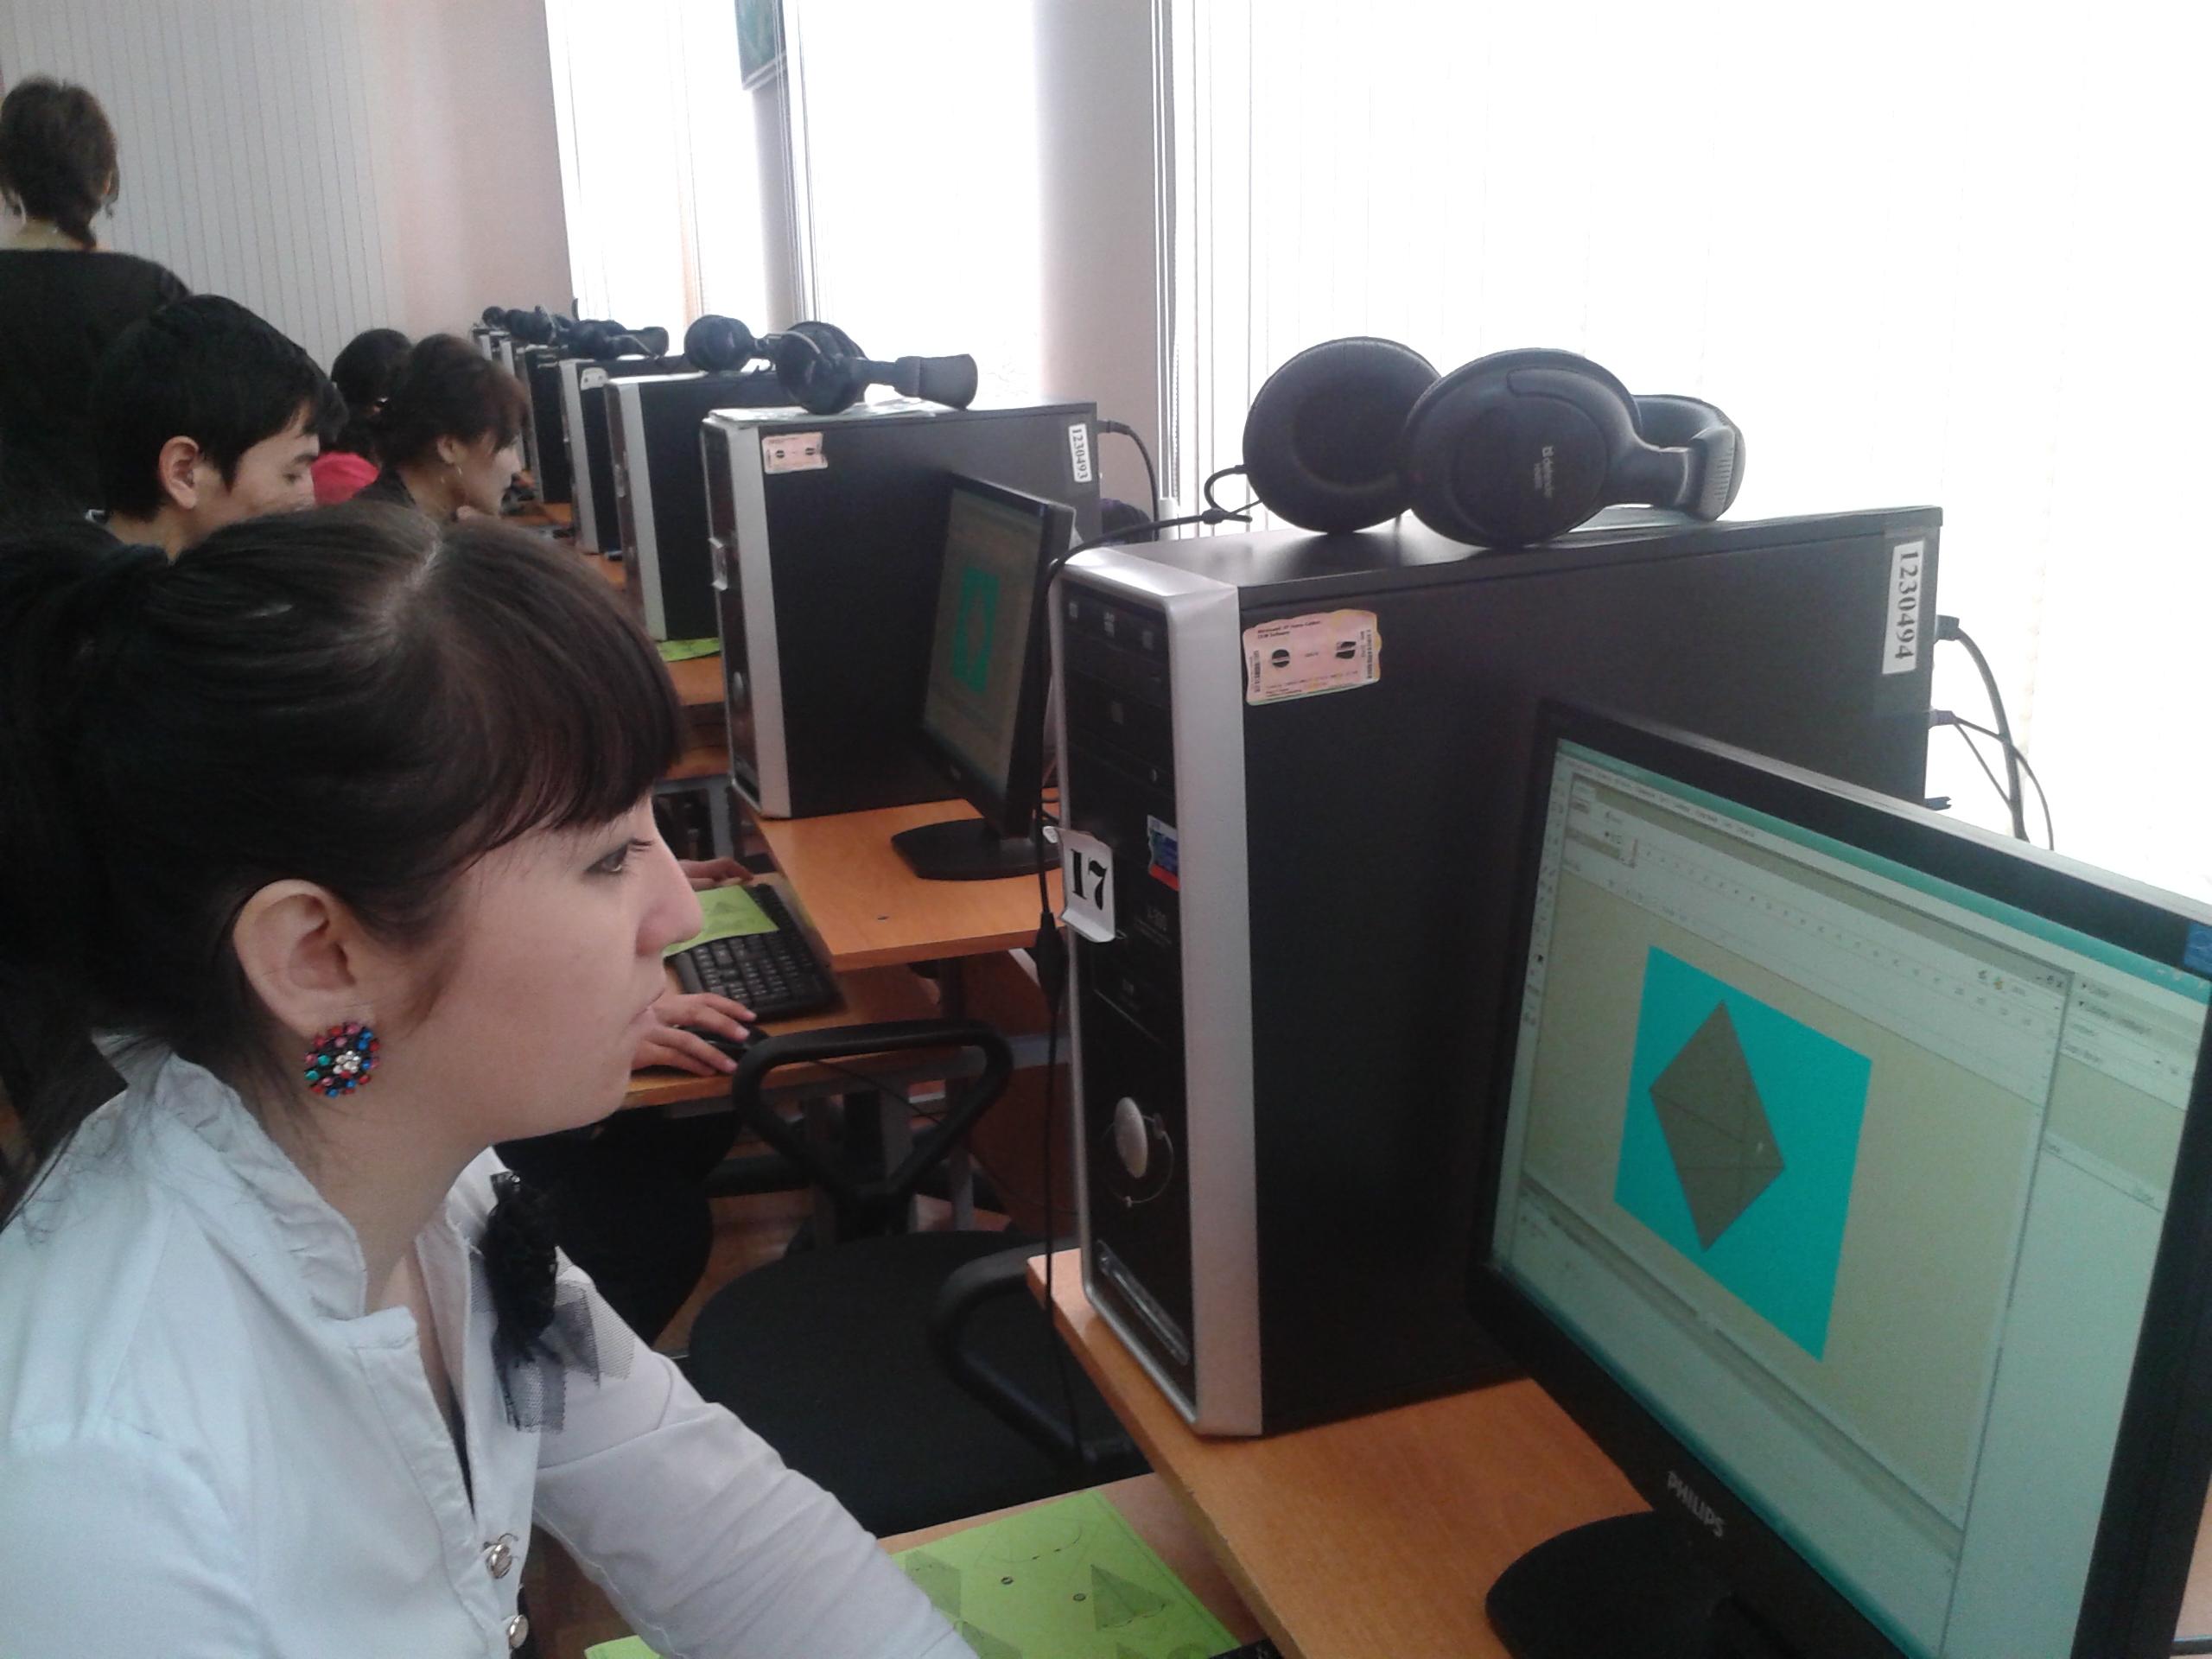 D:\19\55400\урок оригами анимация\Фото урок\20130222_113429.jpg